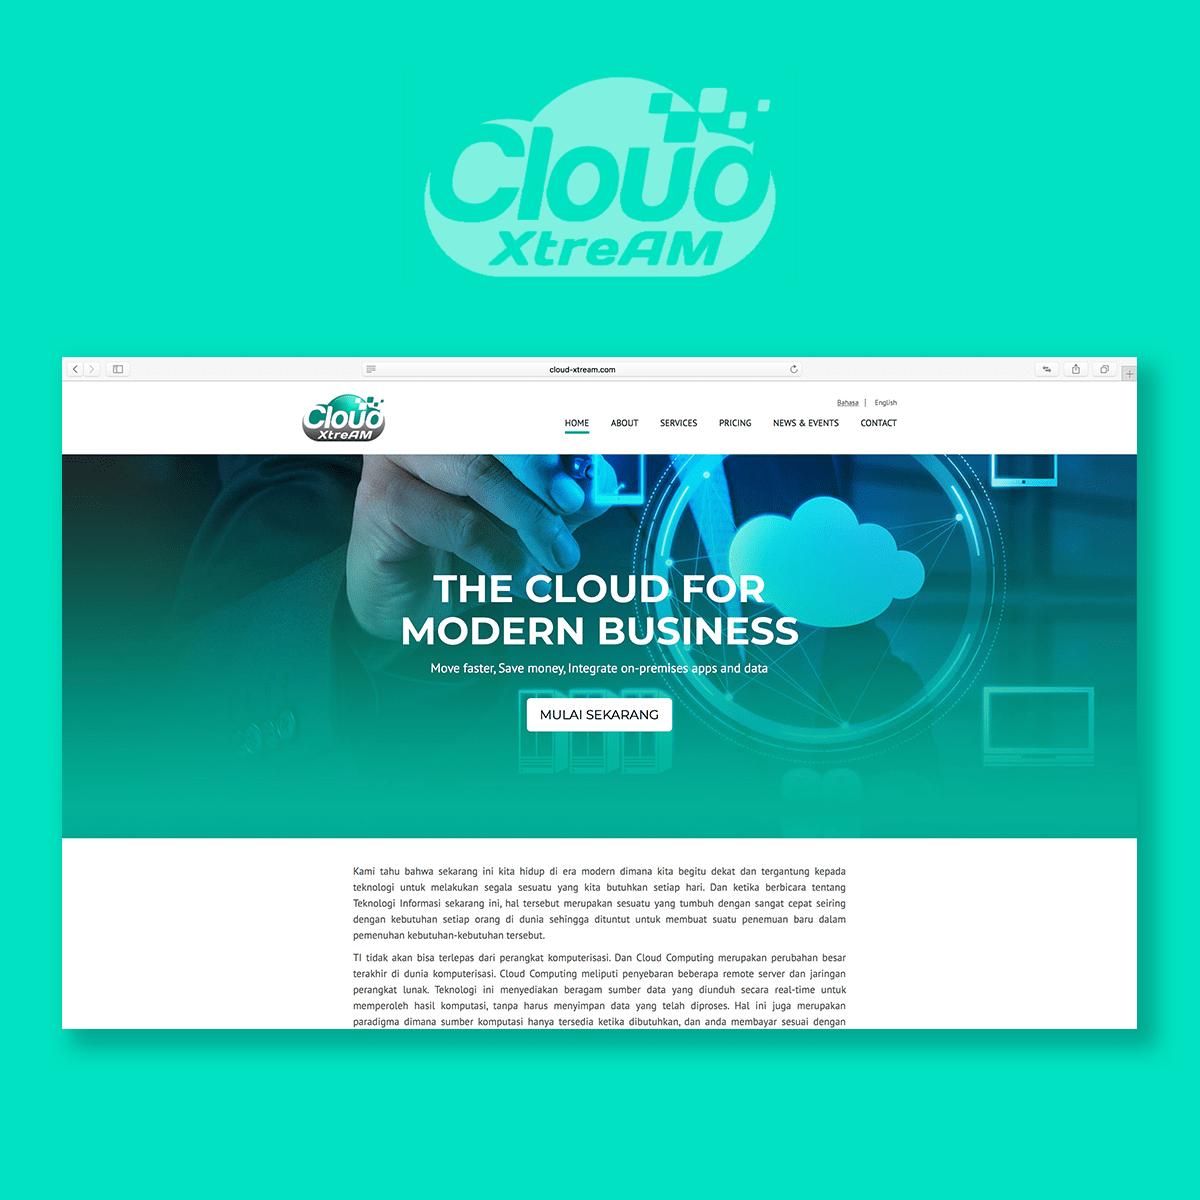 Cloud XTreAM Website Development